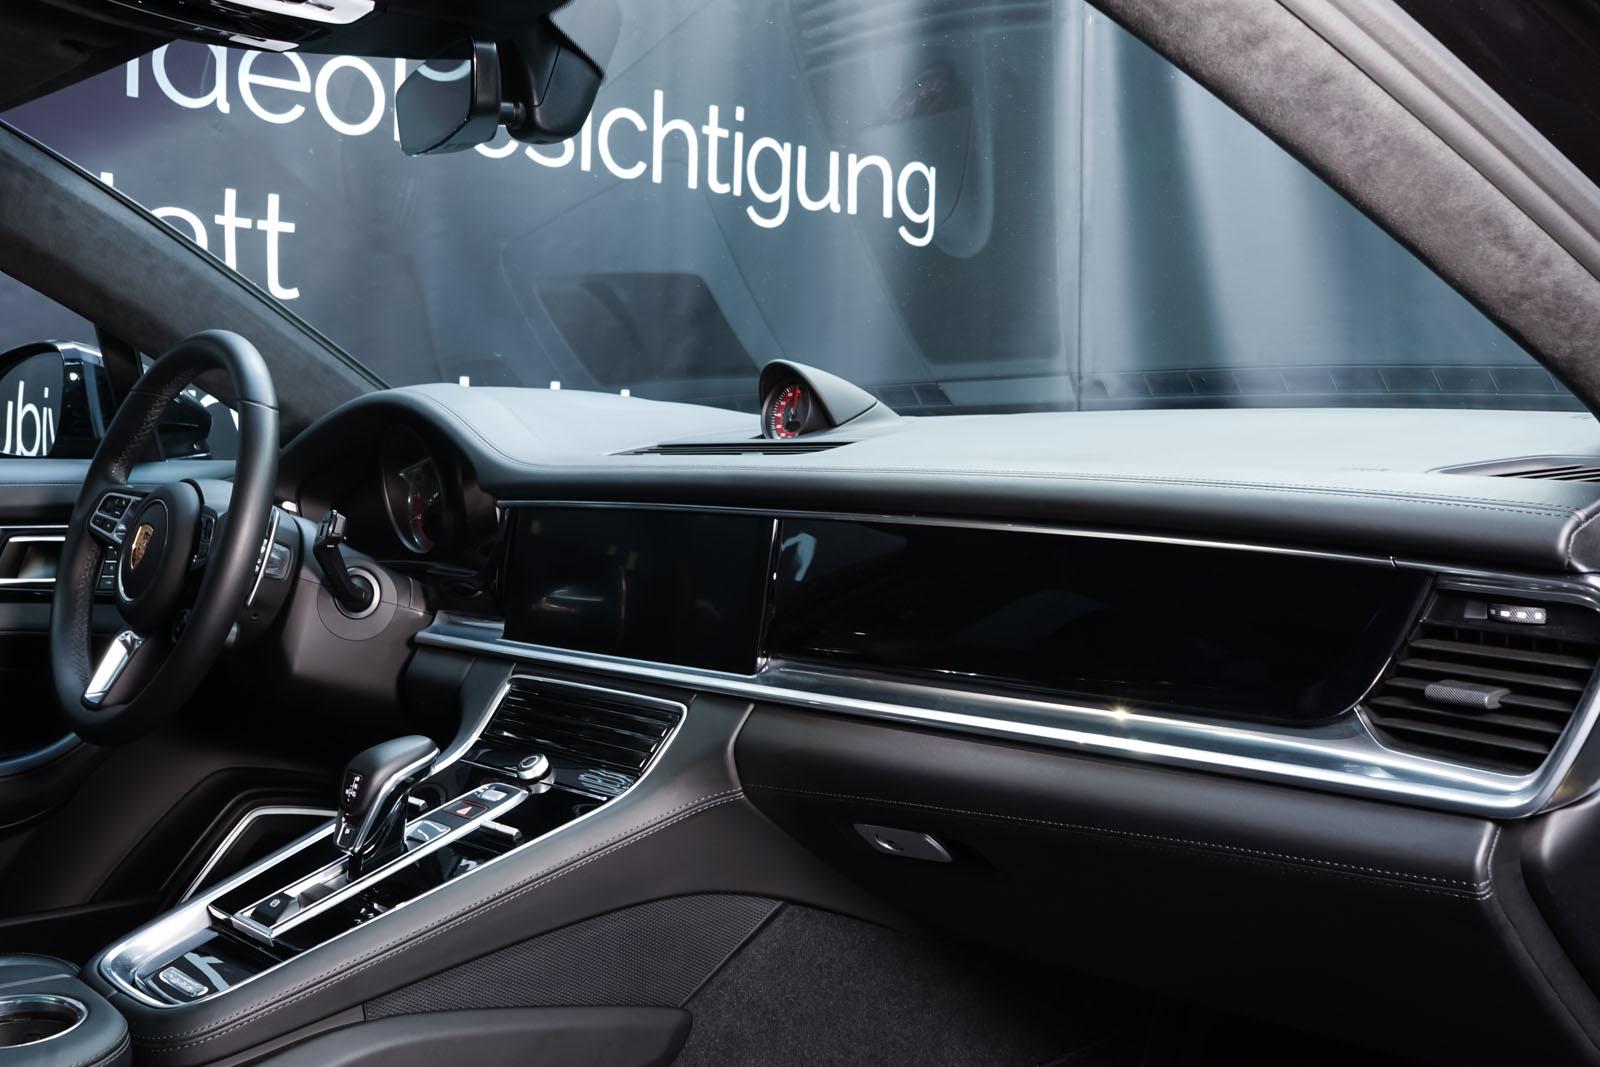 Porsche_Panamera_SportTurismo_Turbo_Schwarz_Schwarz_POR-5145_20_w